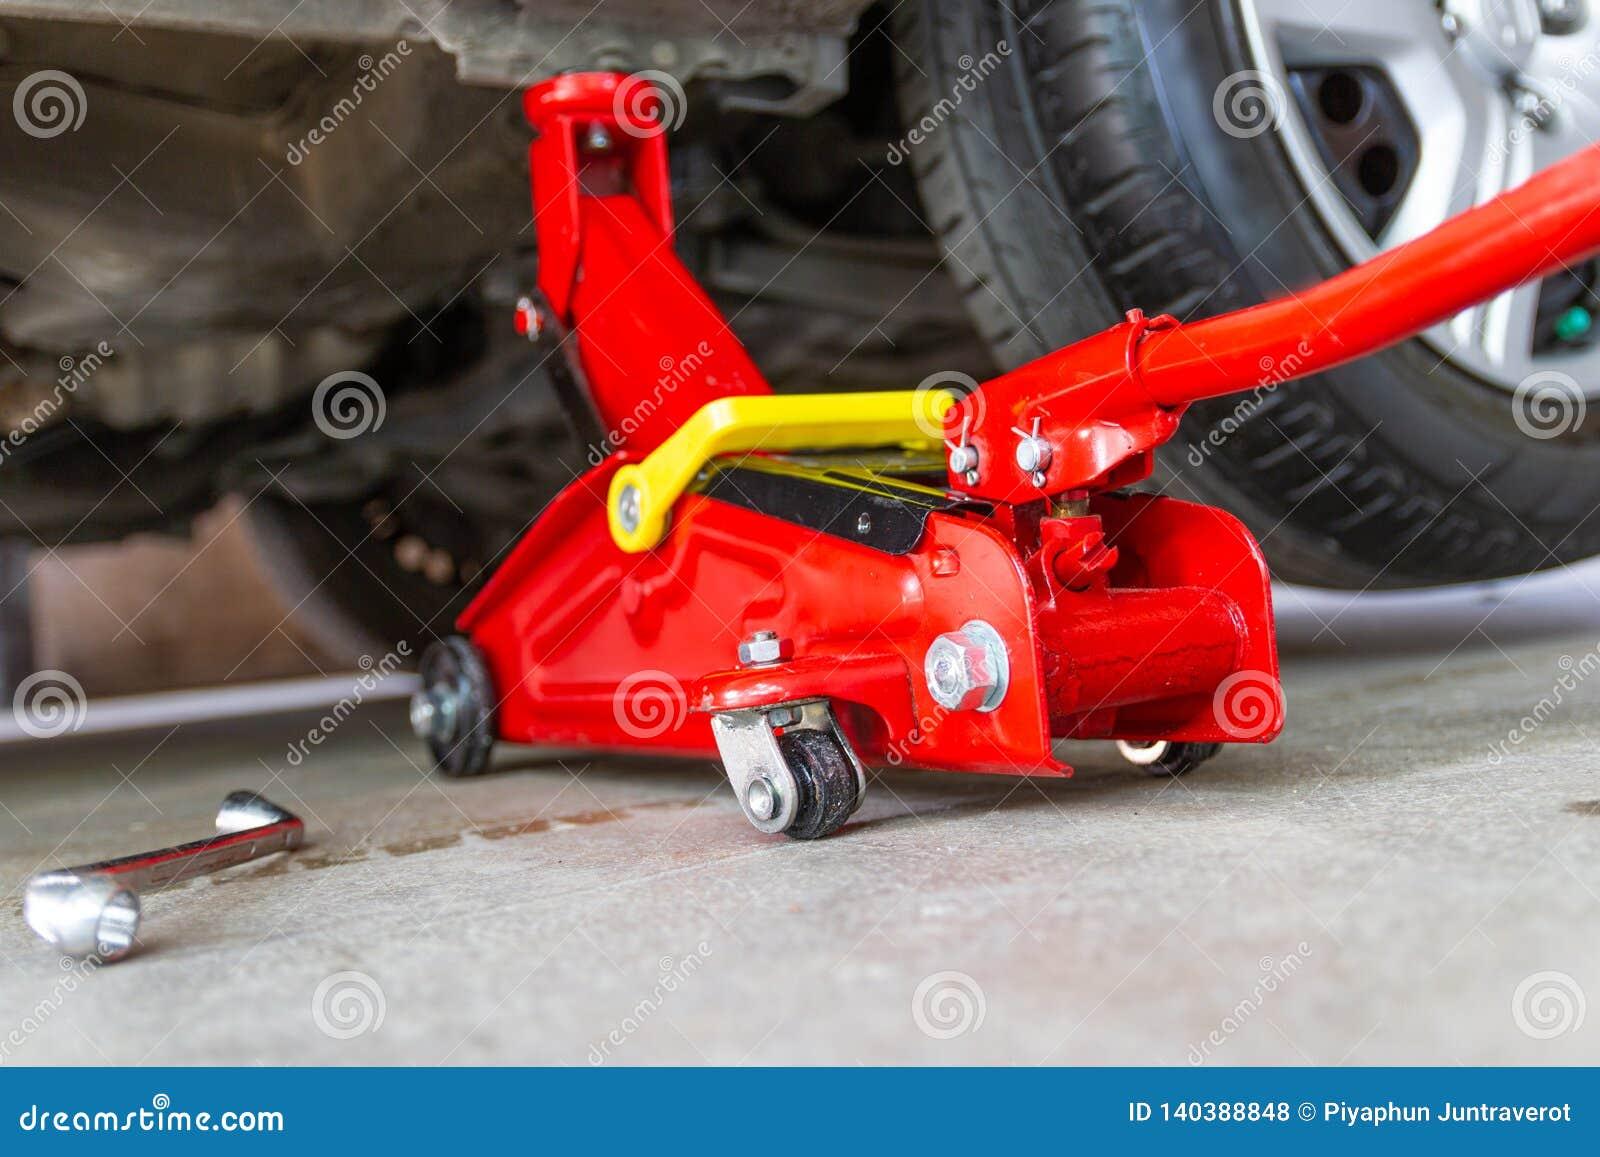 Automobile rossa dell ascensore di presa dello strumento per il controllo di riparazione